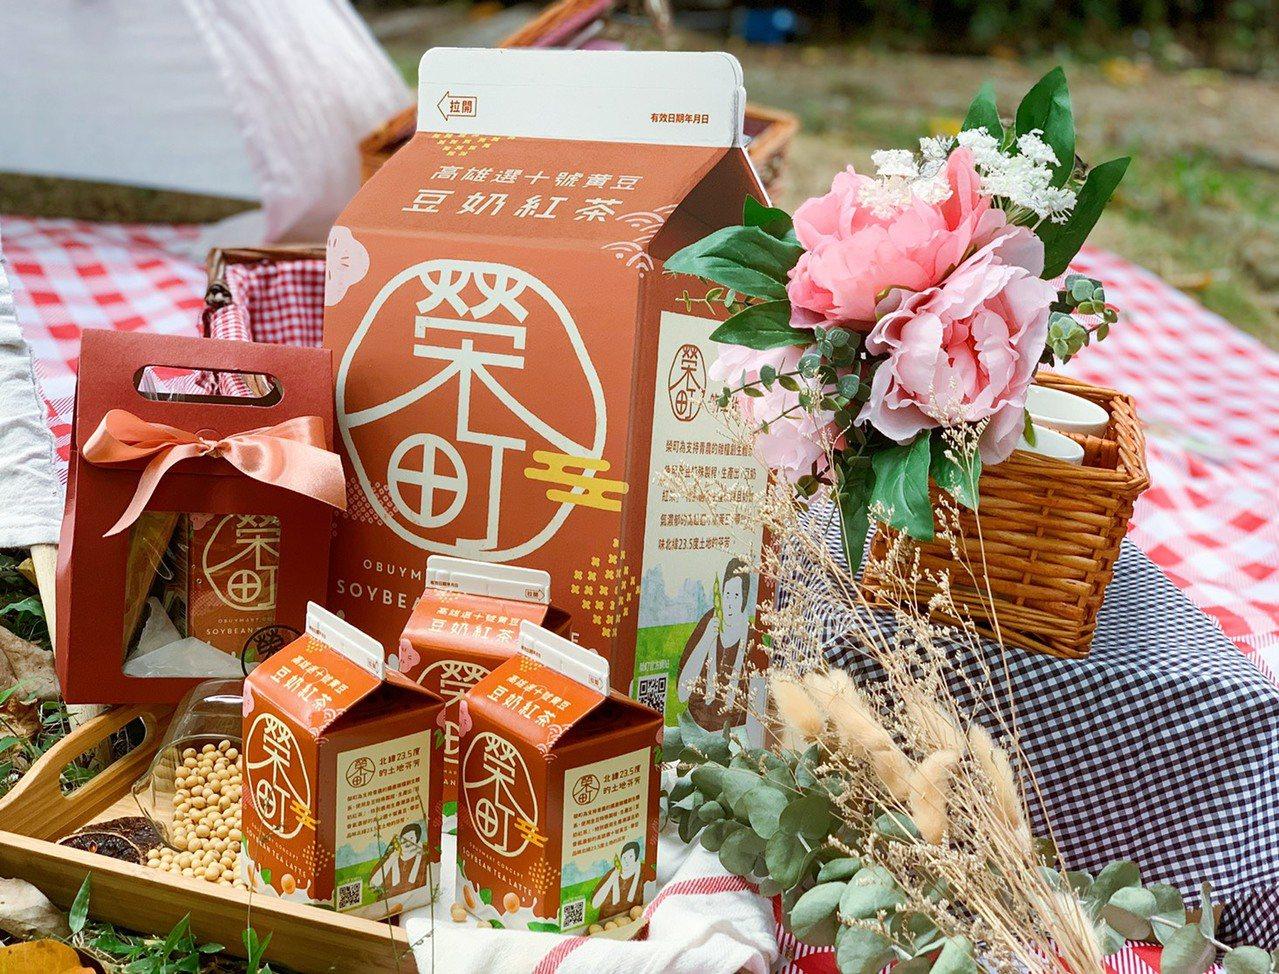 全新「榮町豆奶紅茶」強調使用非基改豆品製作,風味香醇奶香濃郁。記者徐力剛/攝影